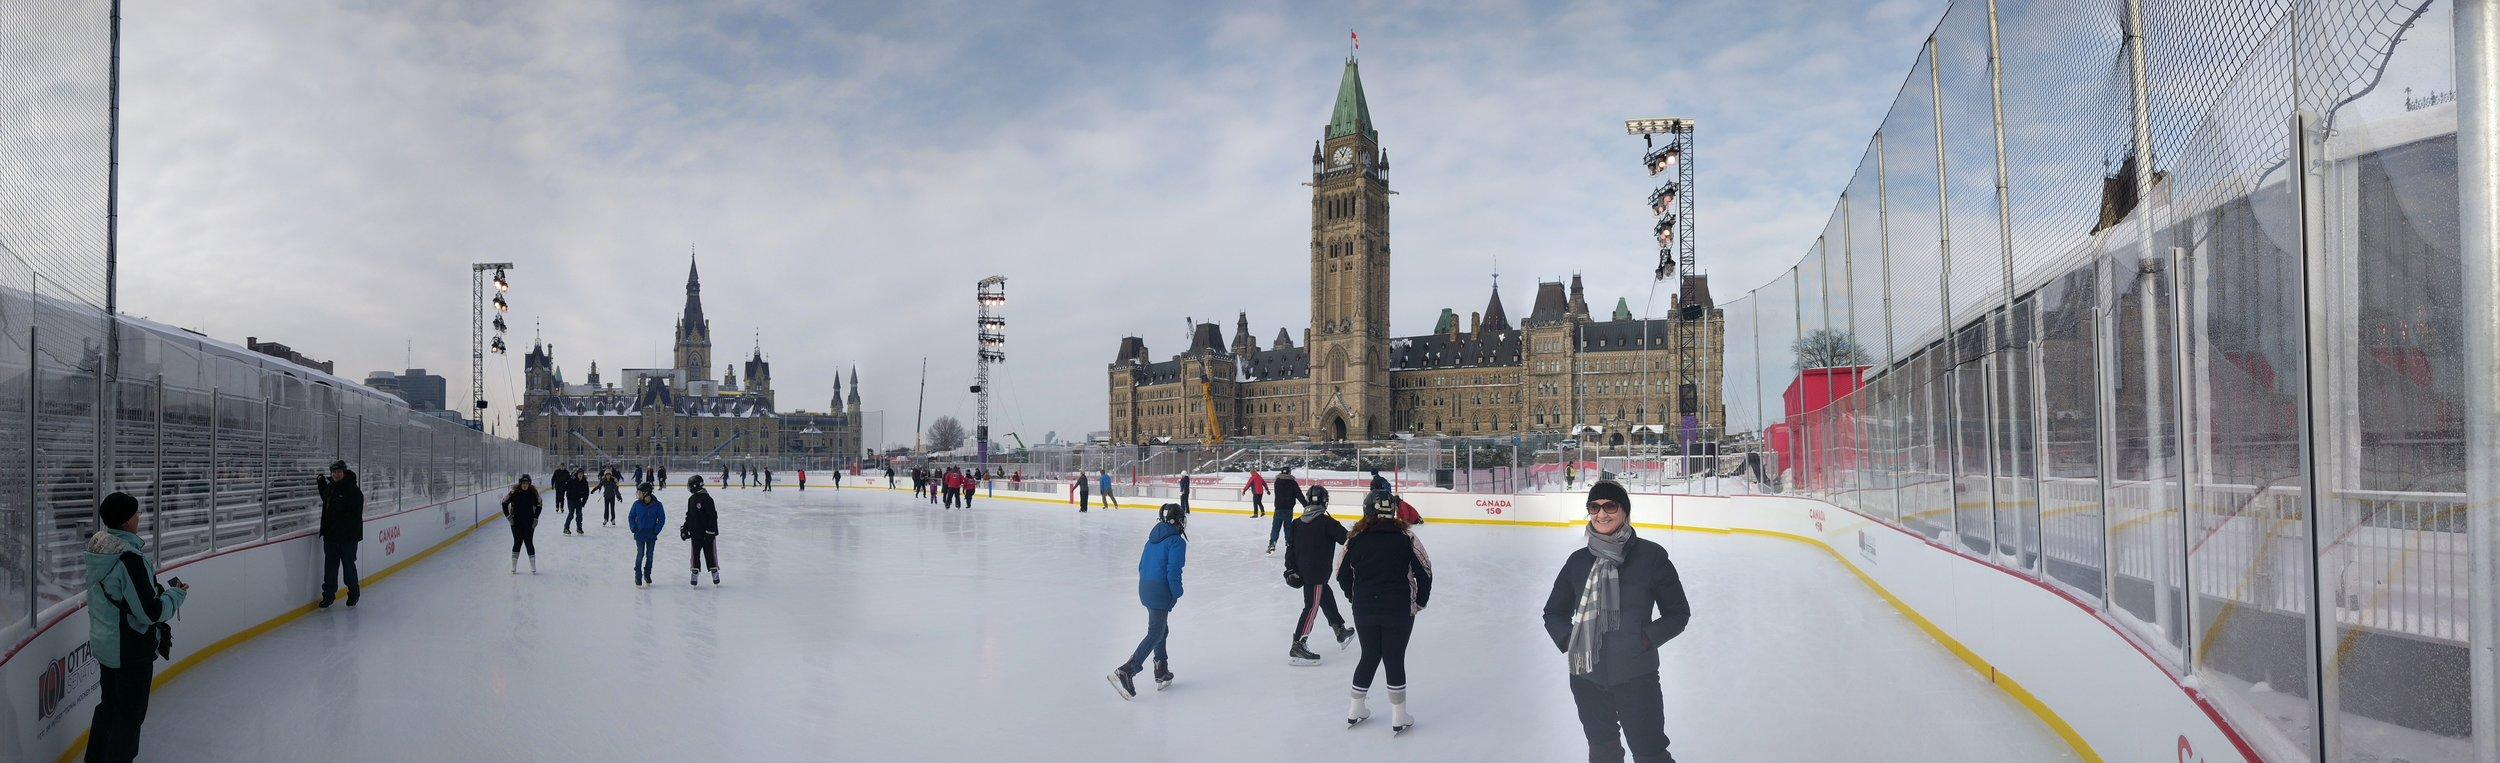 Skating pano